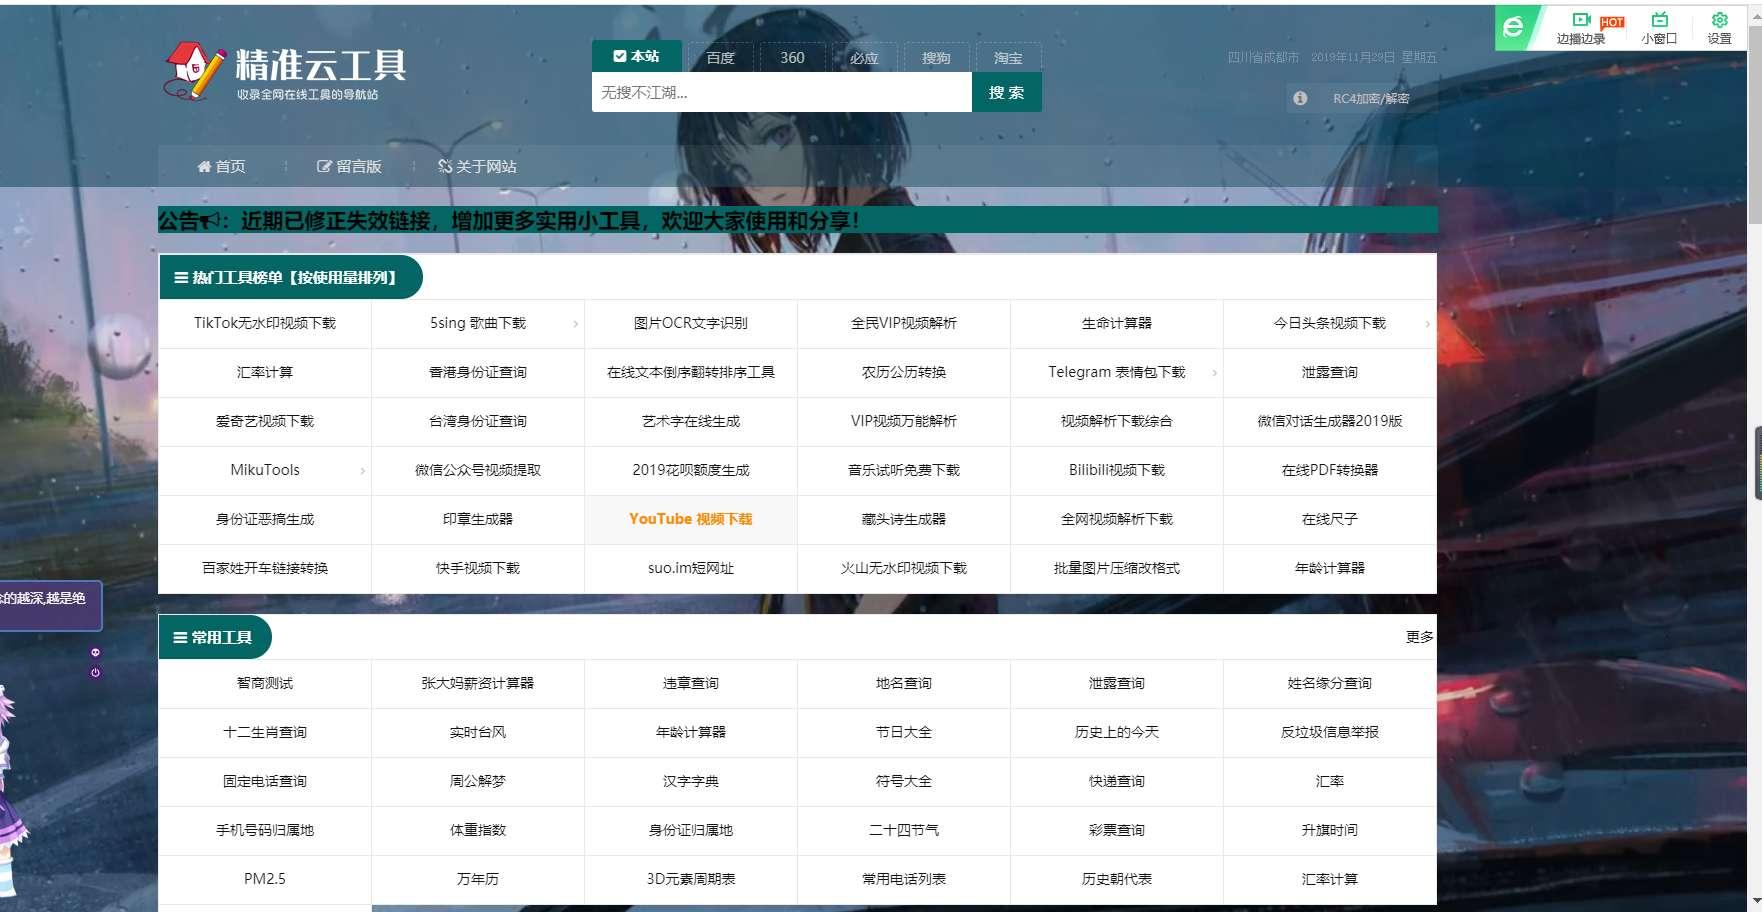 【分享】精准云工具全网工具集合